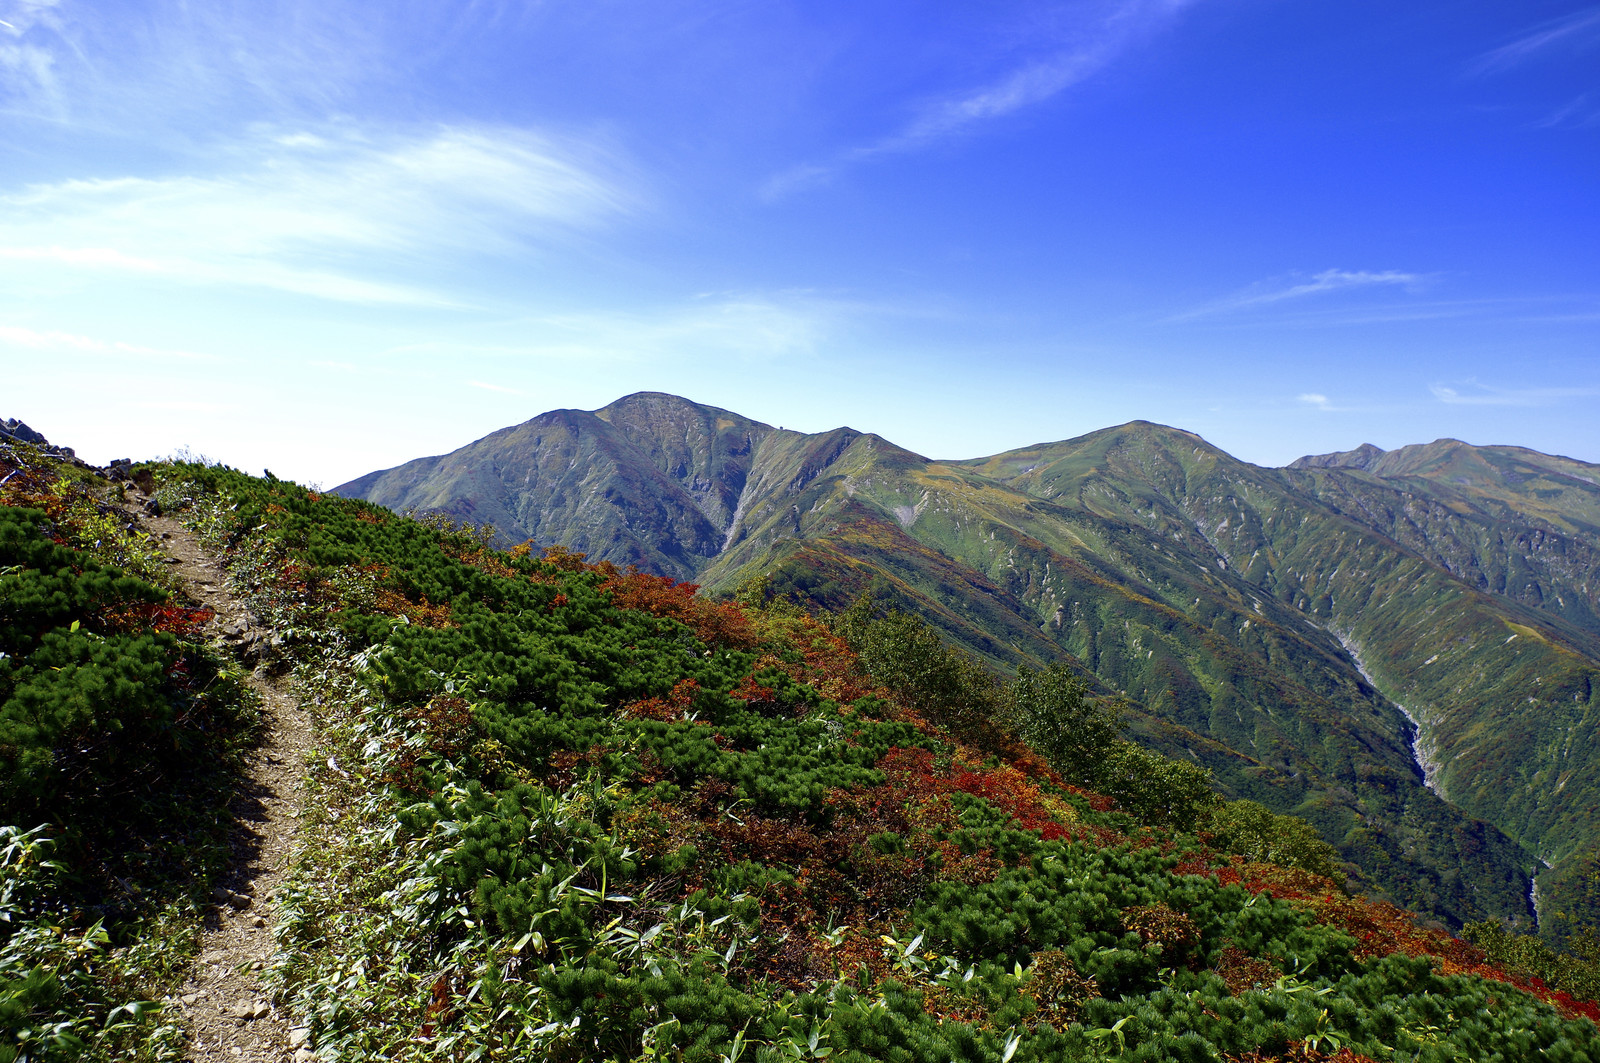 「小朝日岳から大朝日岳へと向かう稜線の道」の写真